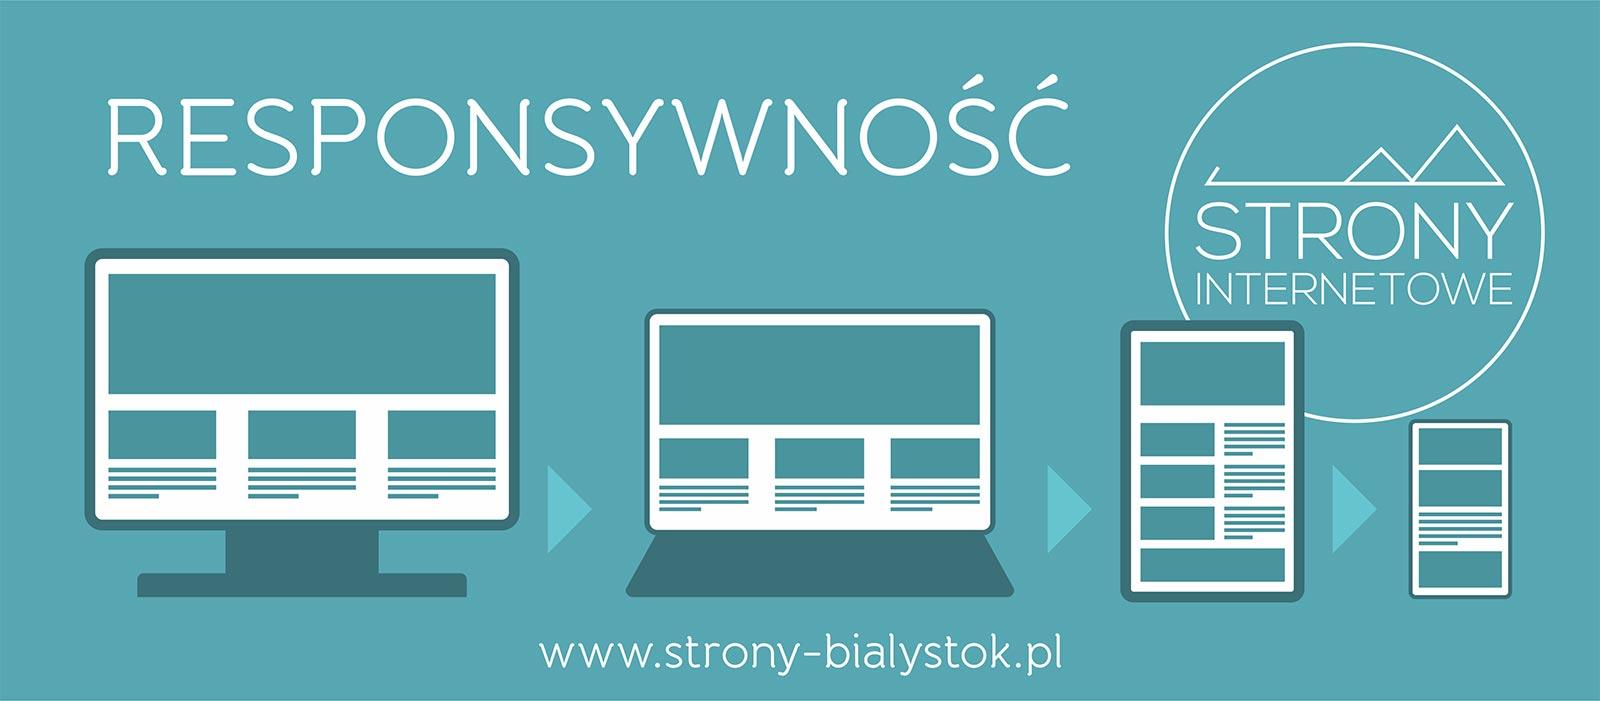 Białystok - Responsywne strony internetowe